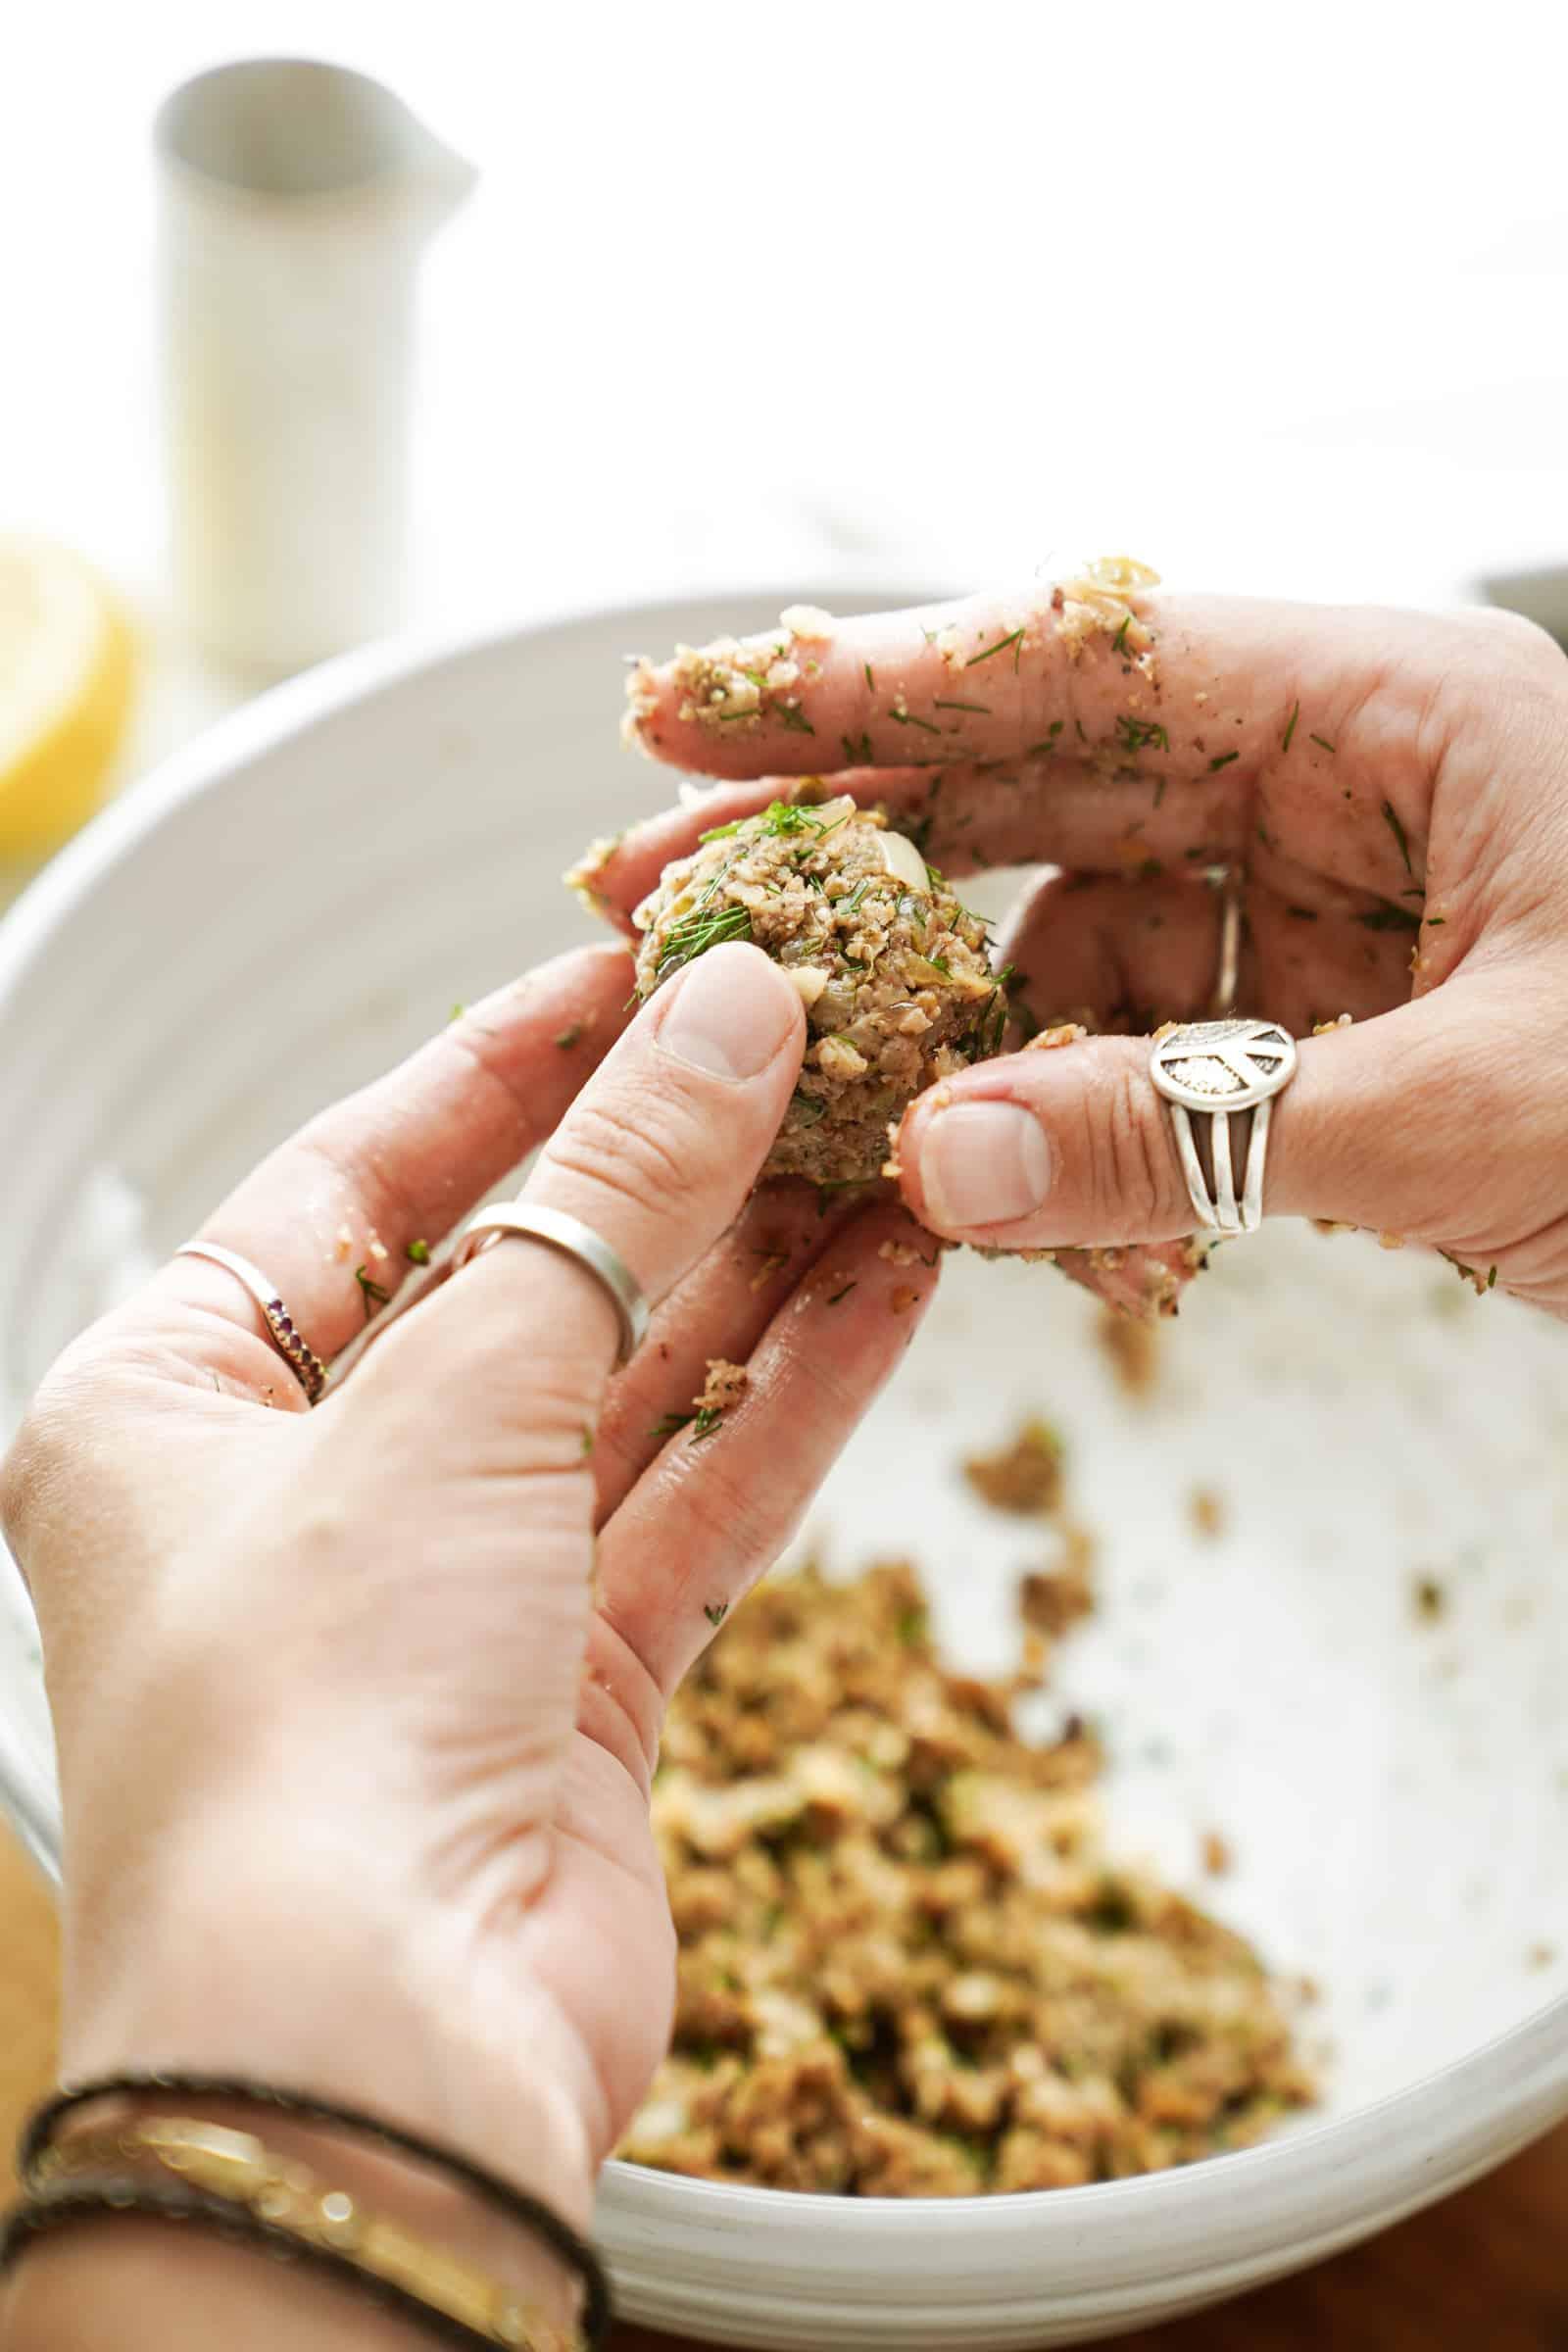 Forming walnut meatballs into balls